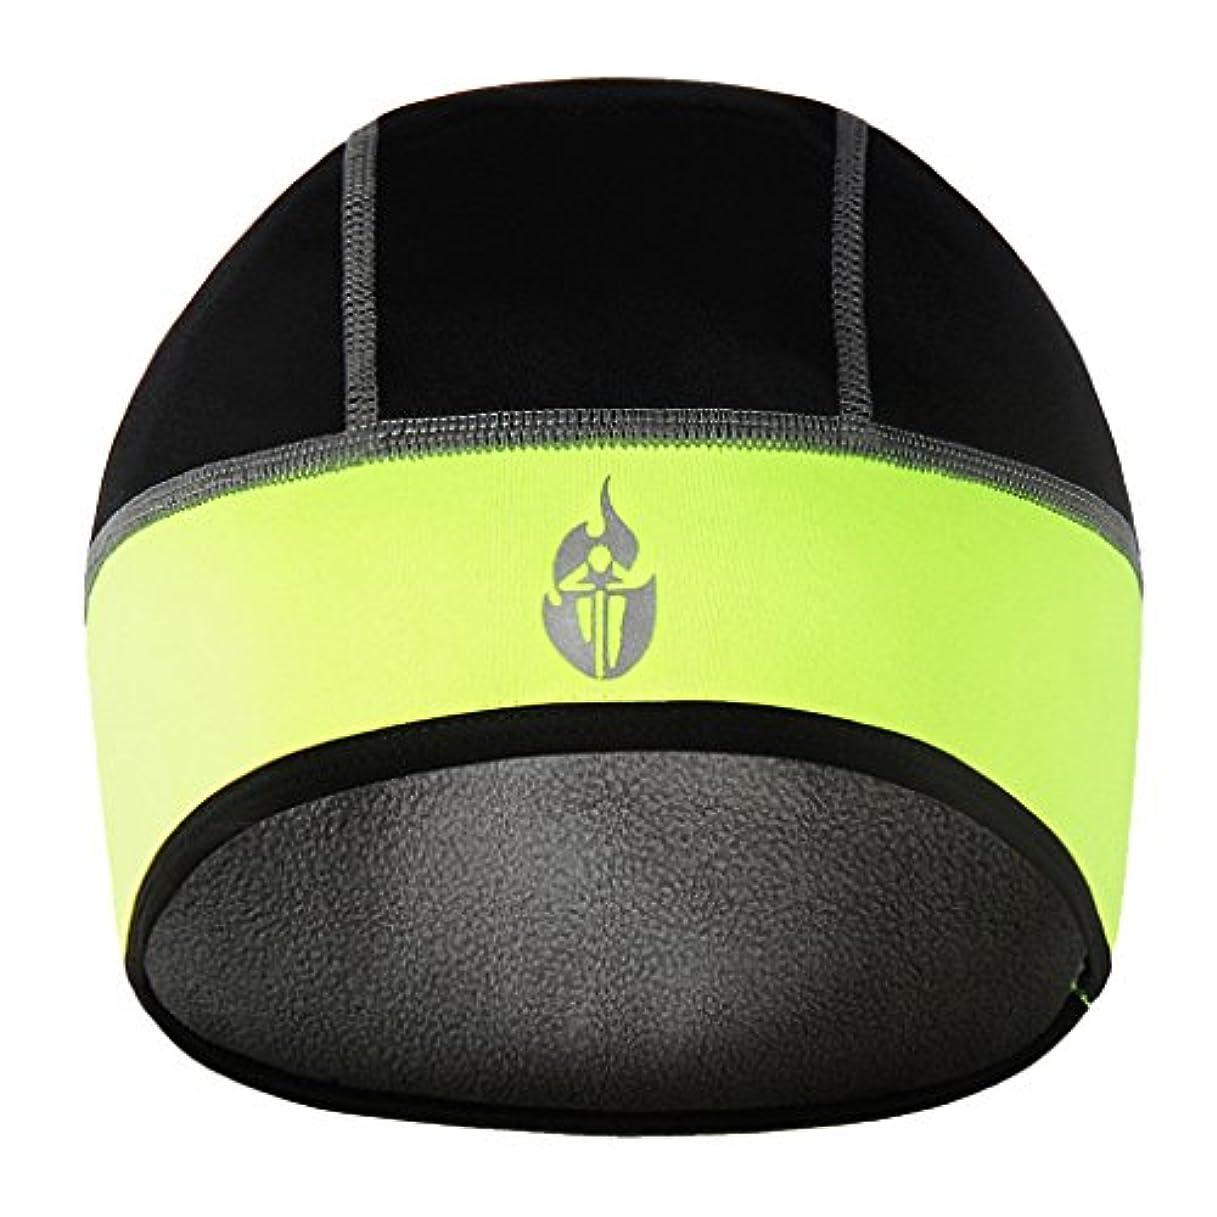 賢い集まる行方不明monkeyjackユニセックスバイクサイクリング熱帽子サイクリングスカルキャップ防風Headwearアウトドアスポーツキャップ